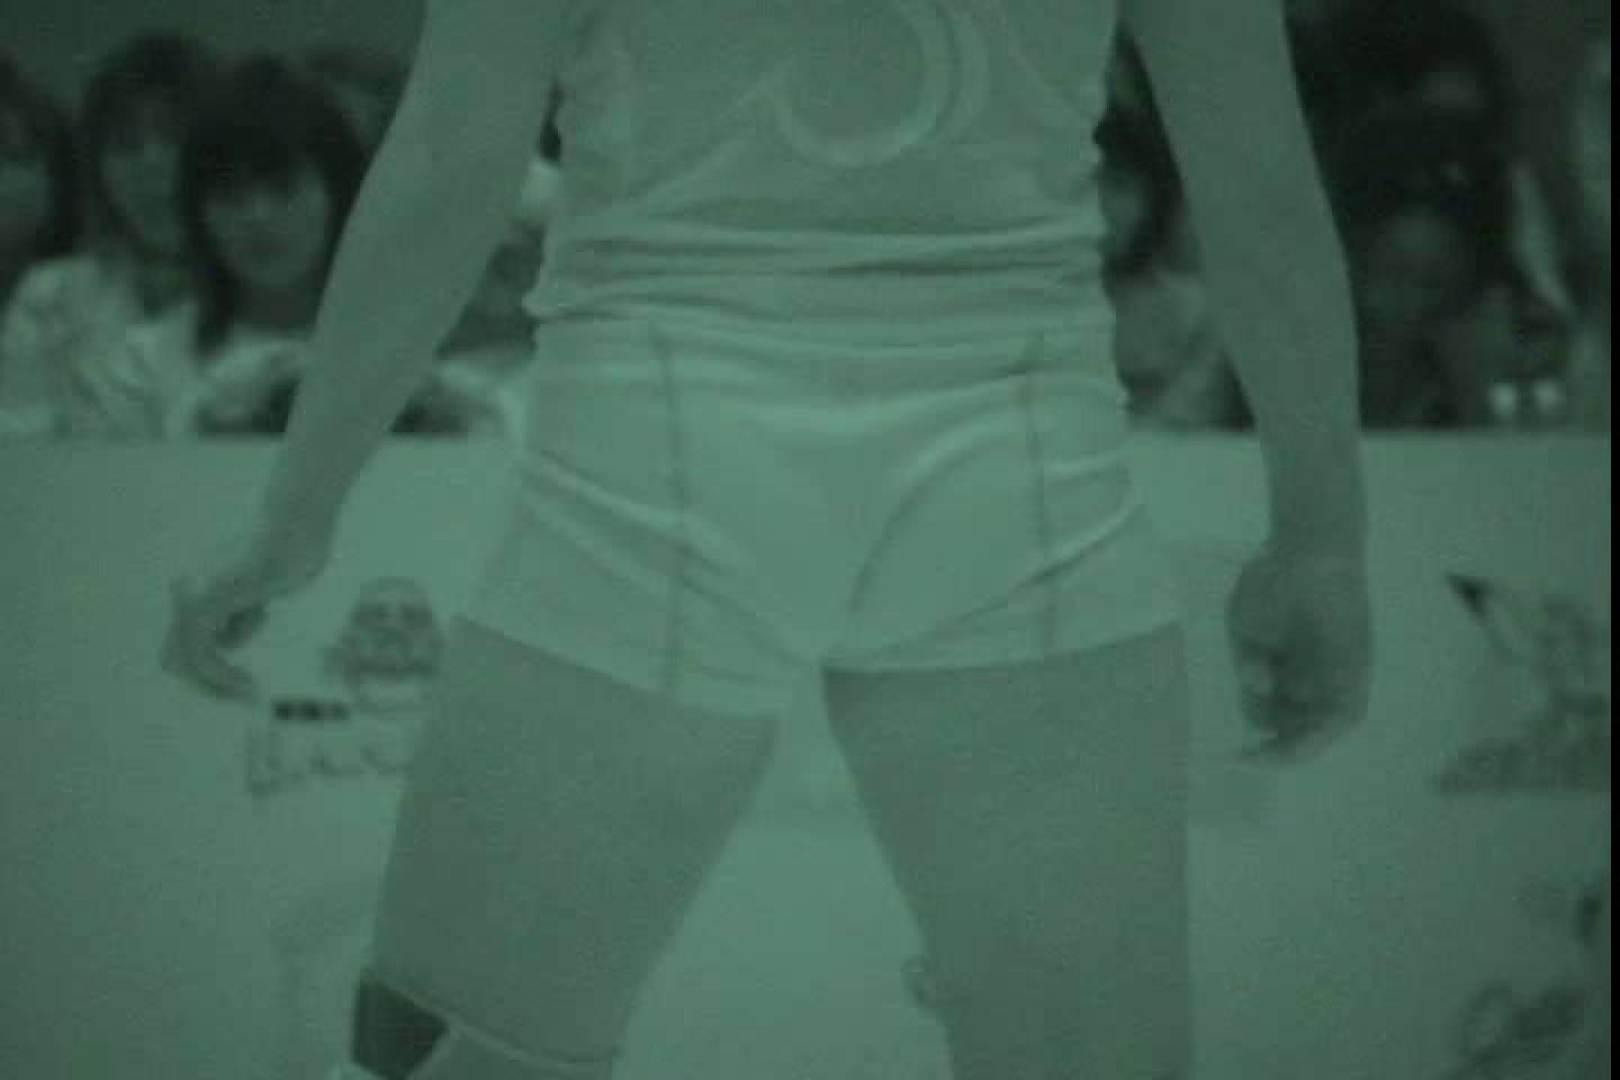 赤外線ムレスケバレー(汗) vol.14 OLのエロ生活 オマンコ動画キャプチャ 82連発 32